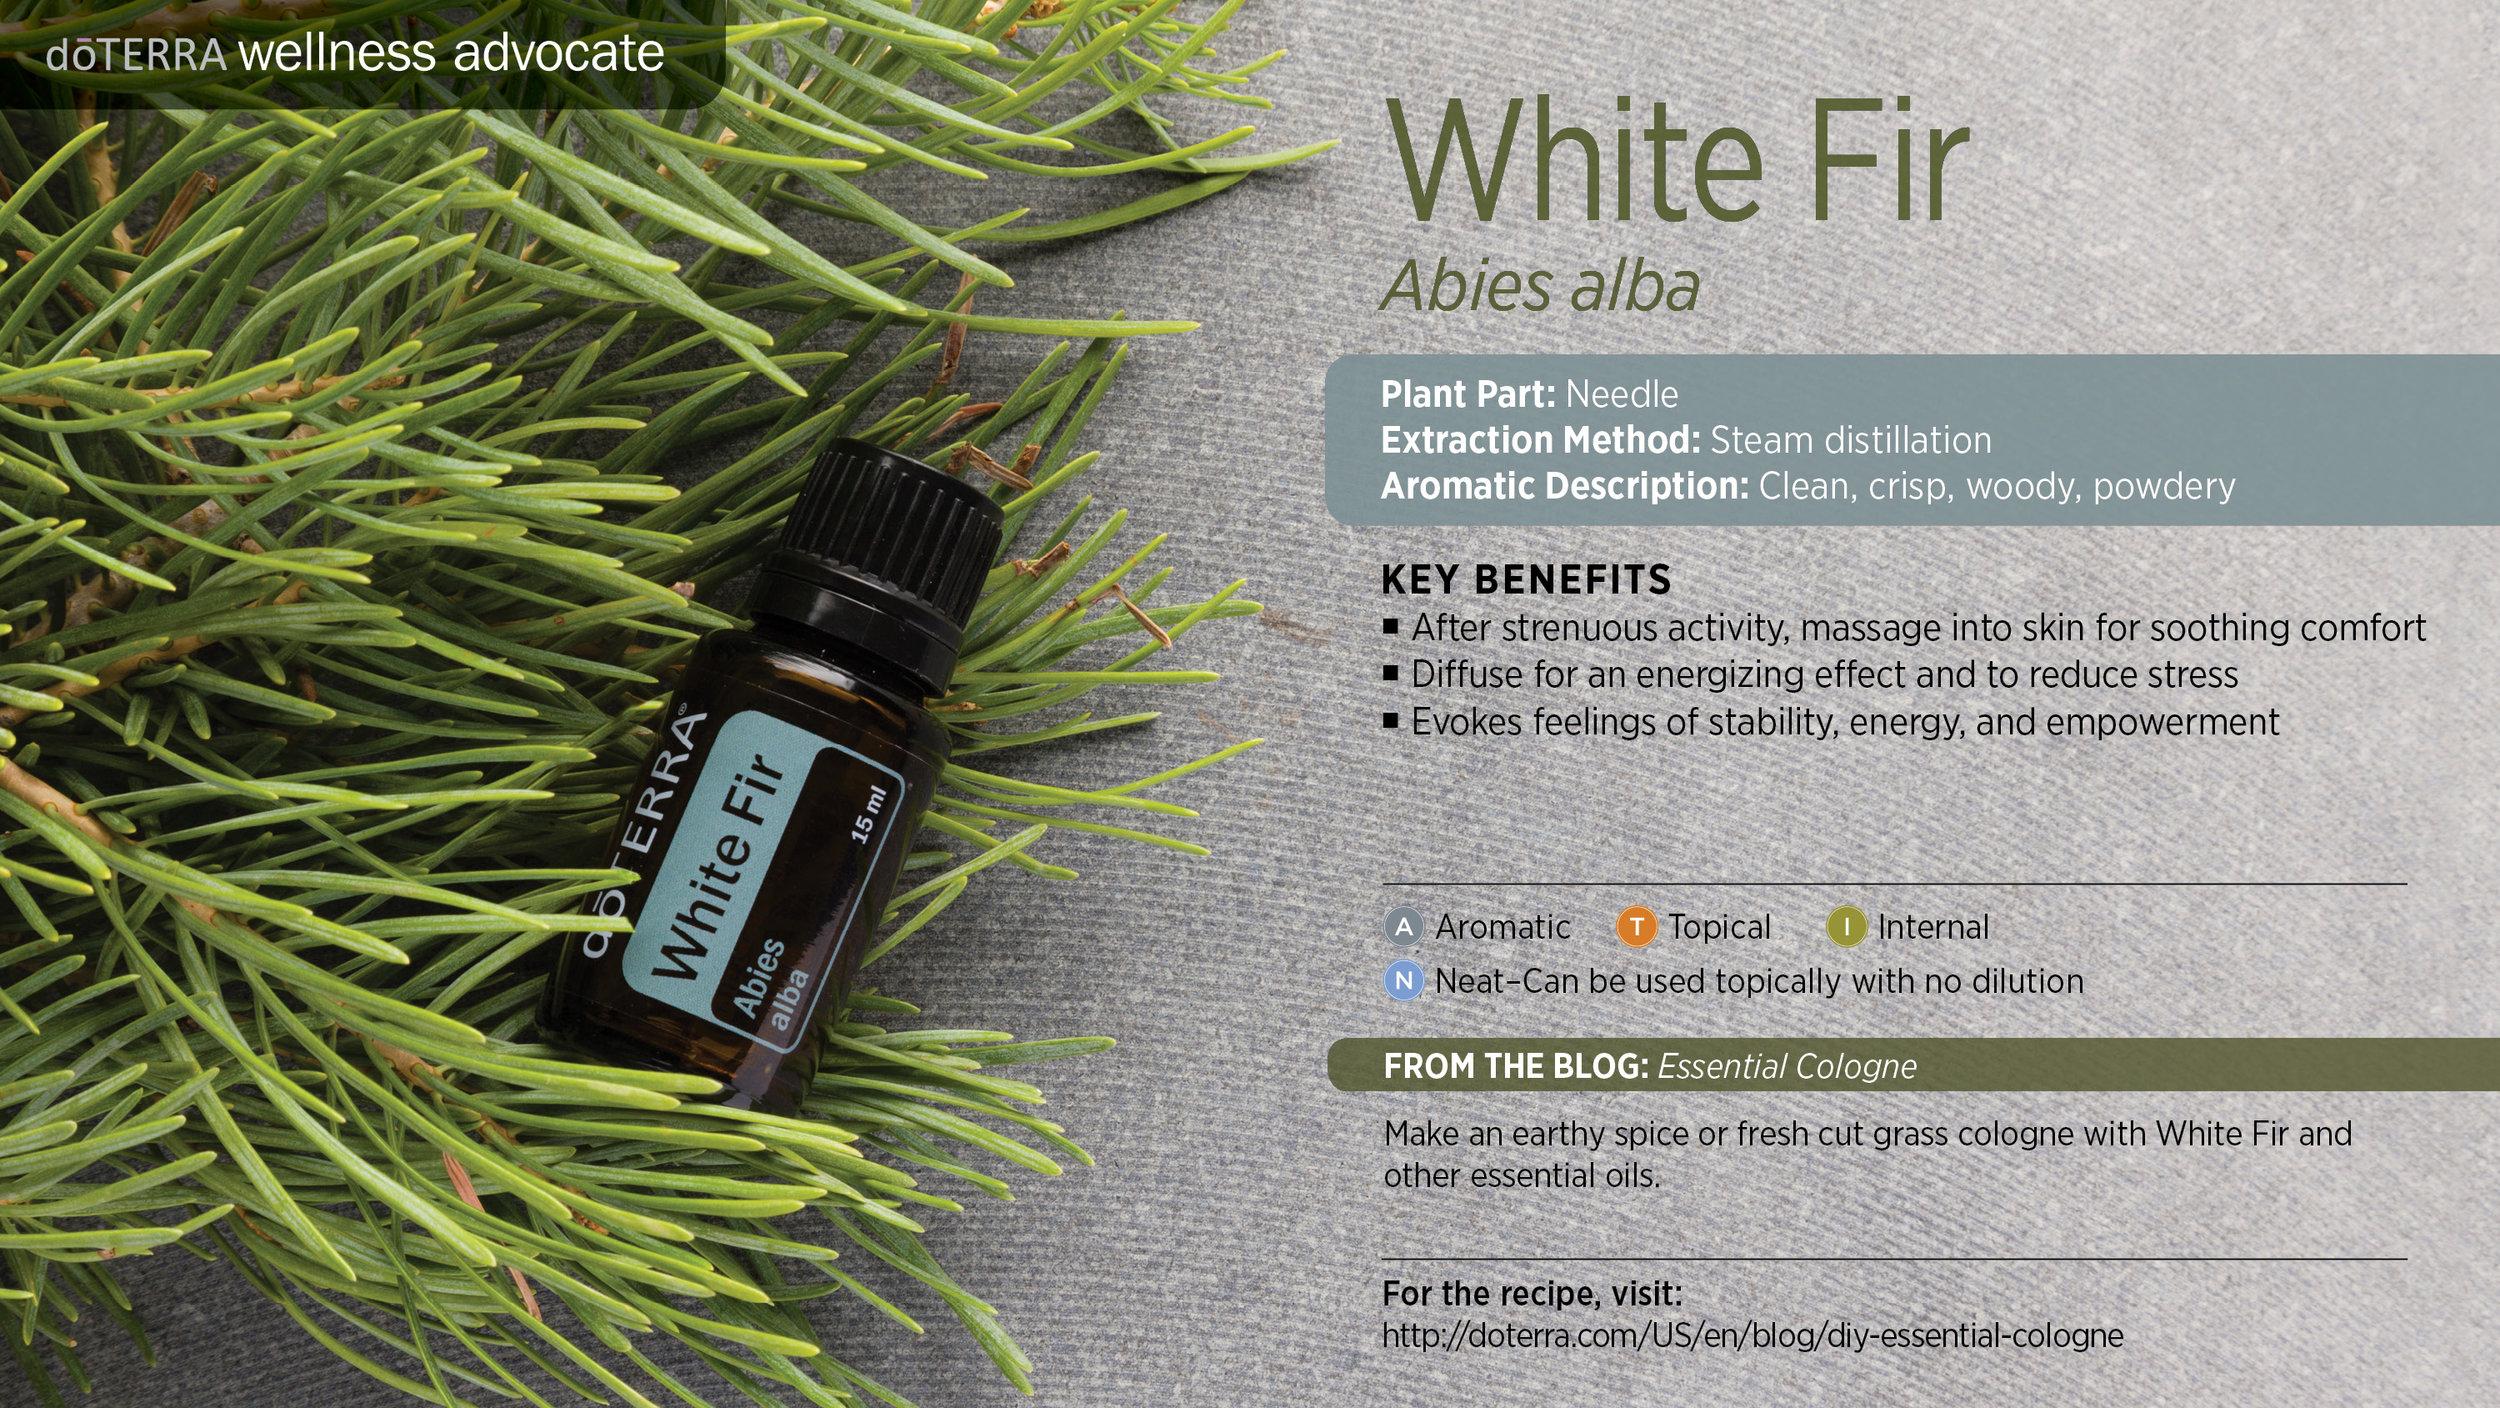 wa-white-fir.jpg